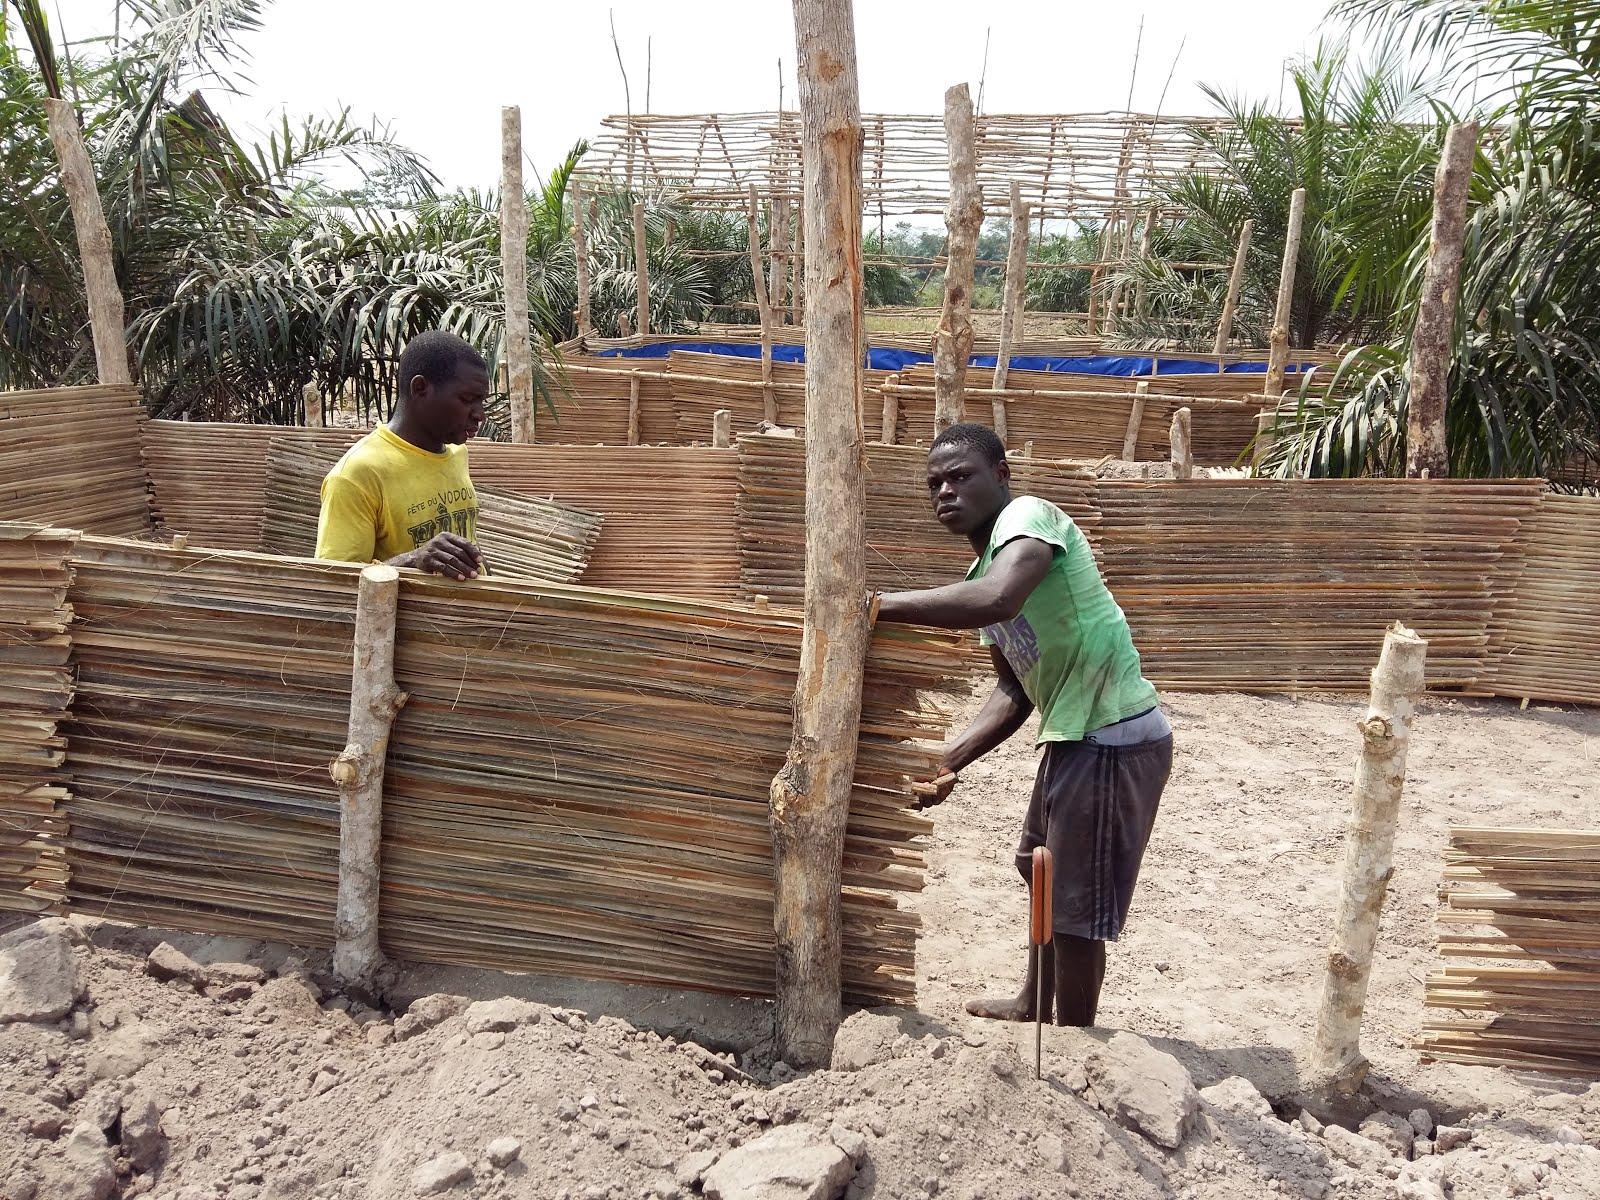 Bassin Poisson Hors Sol lelaurier: la pisciculture en hors sols